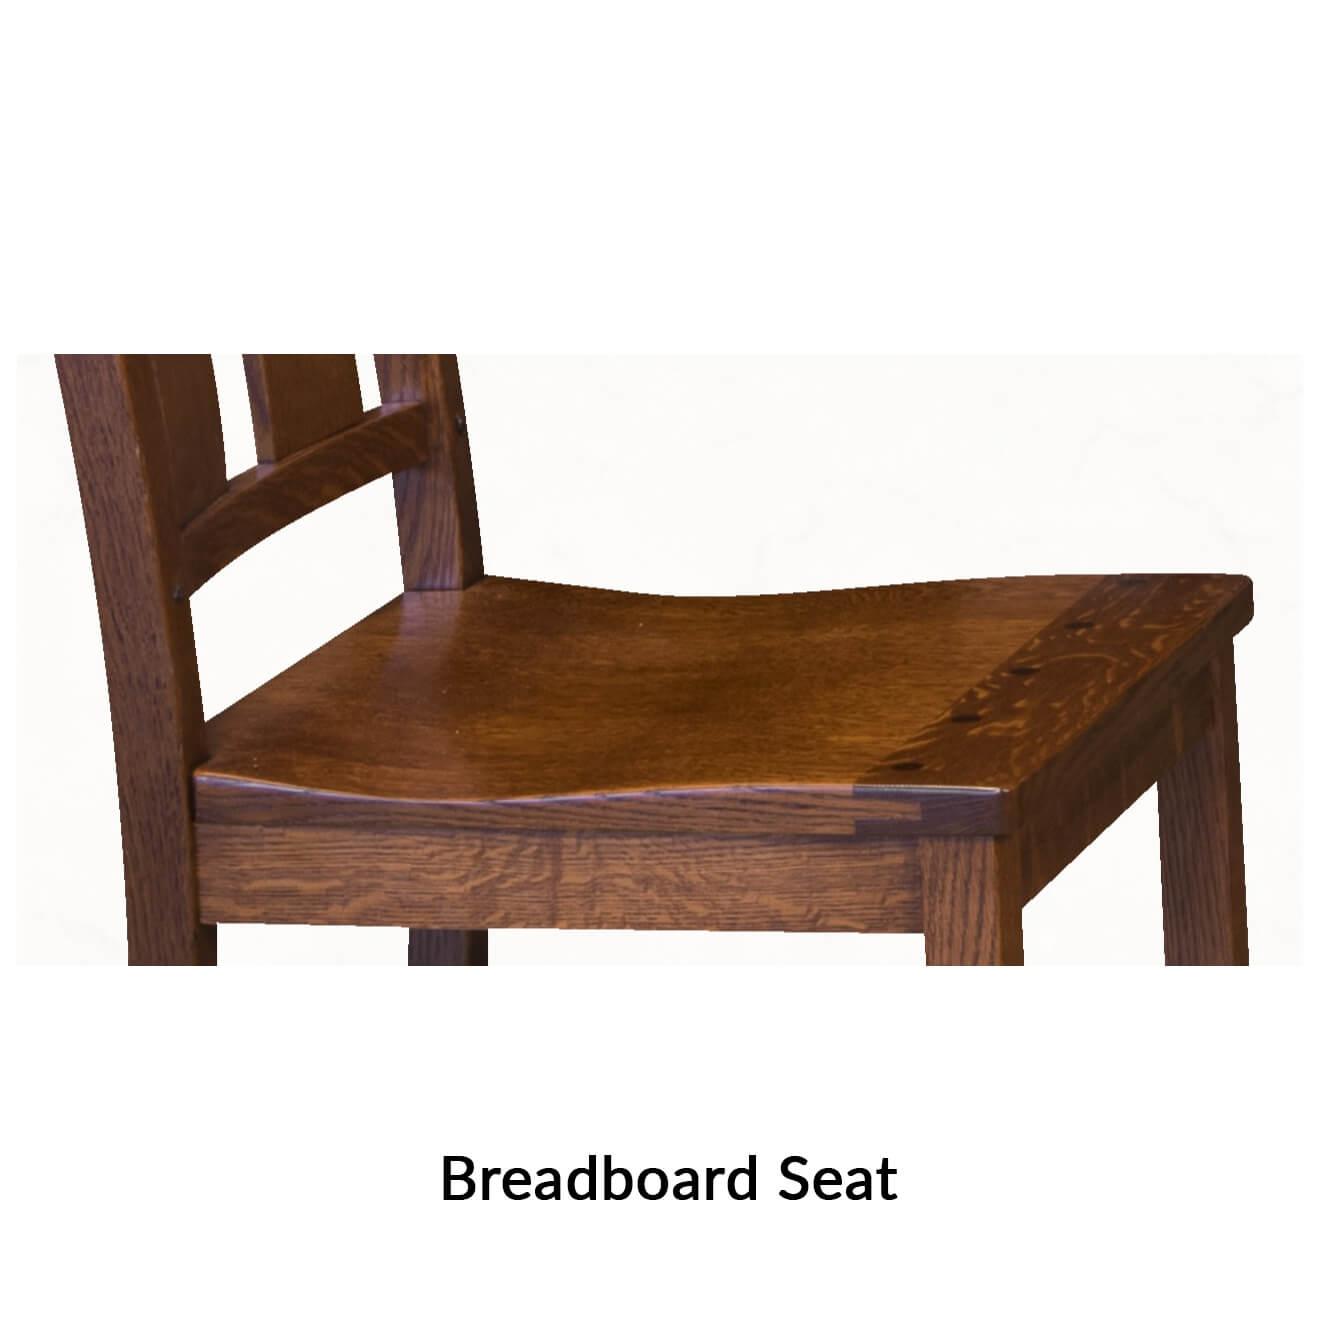 4-breadboard-seat.jpg